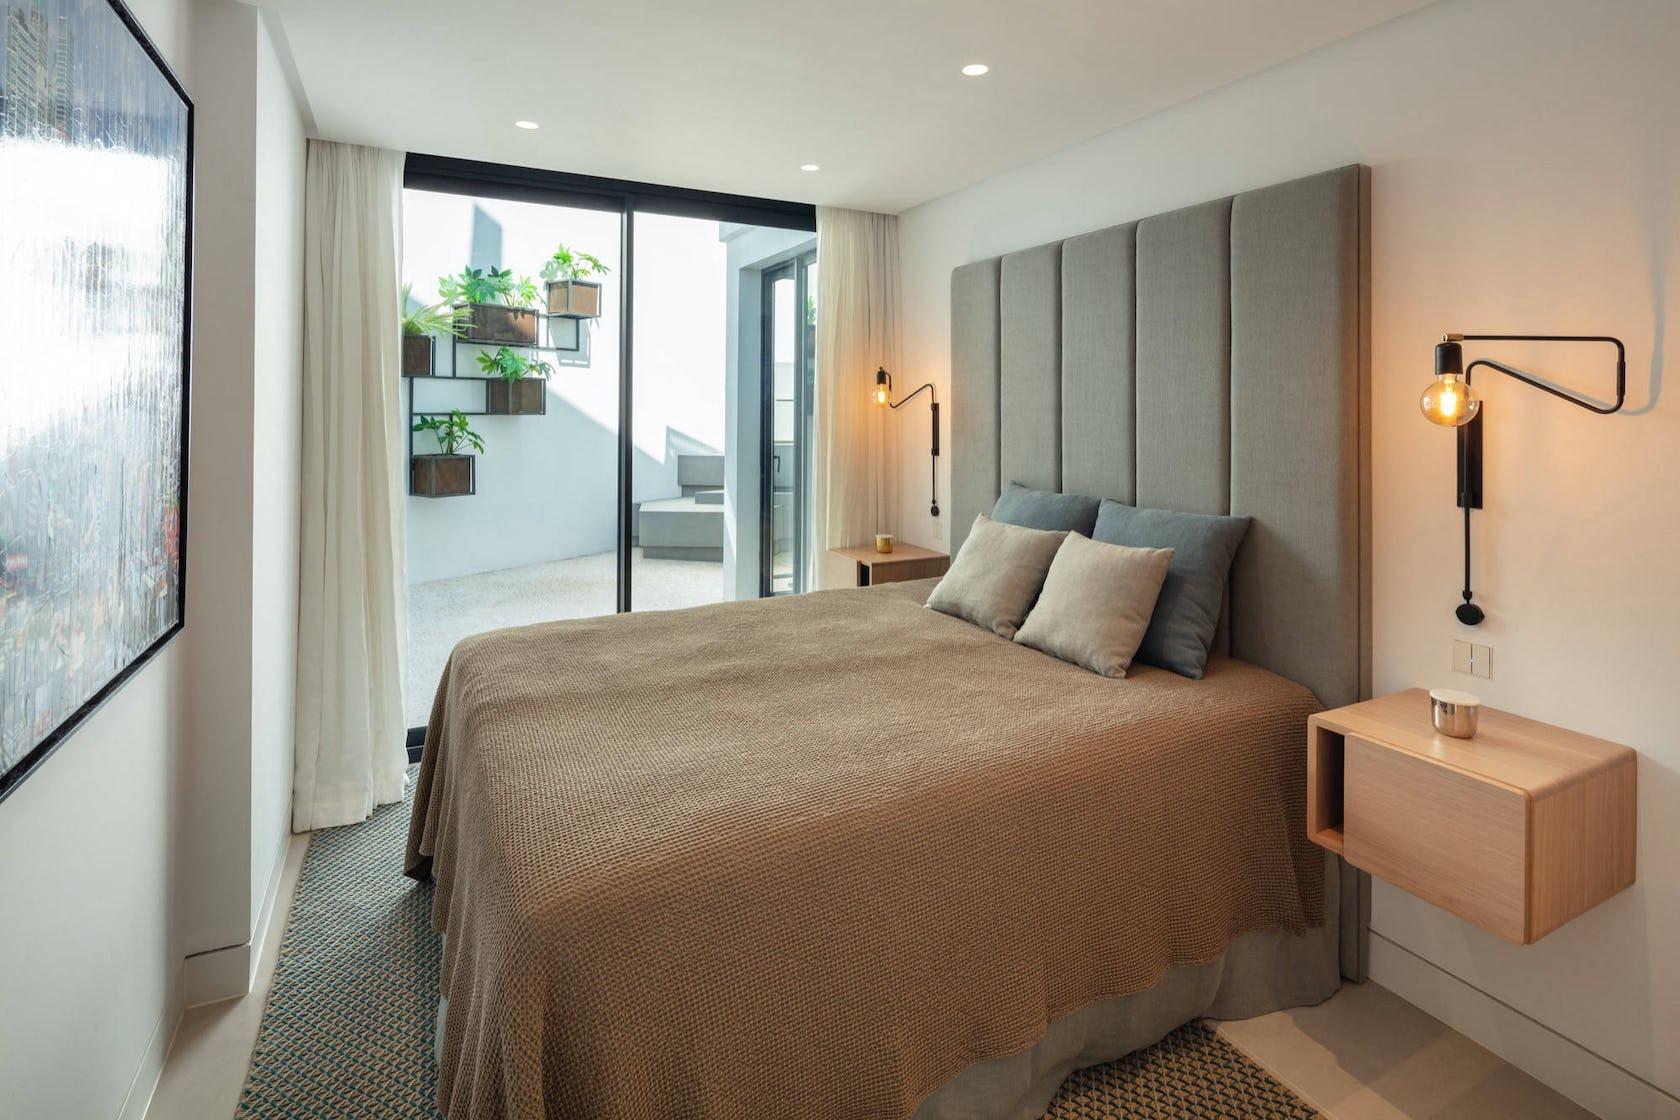 bedroom indoors room furniture bed